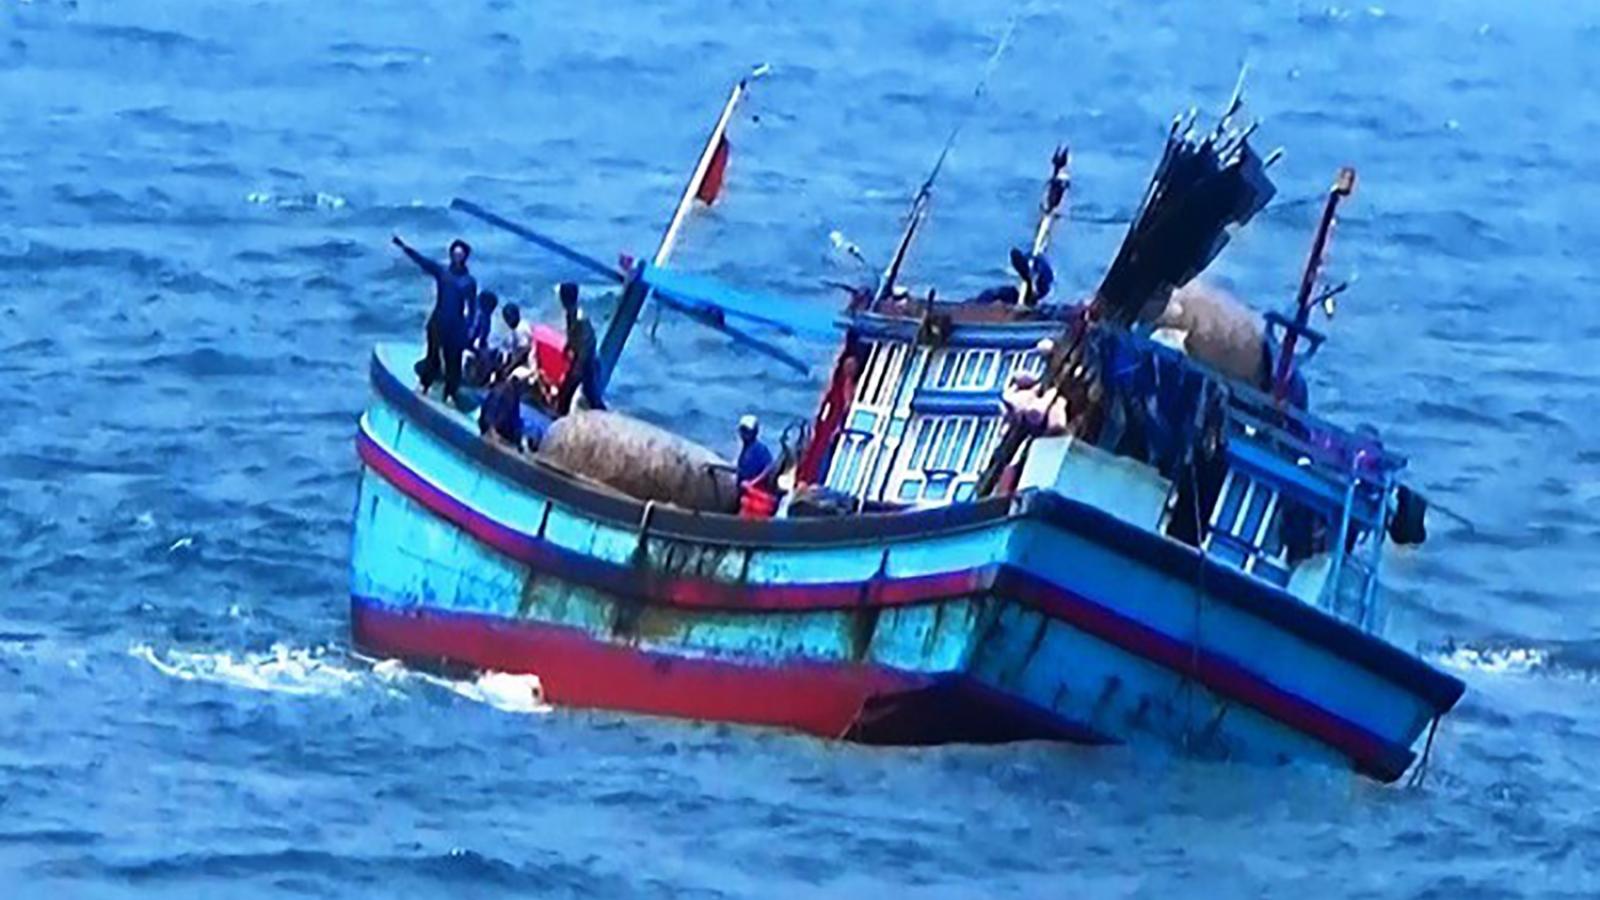 Tàu cá bị chìm ở Bình Định, 2 ngư dân mất tích trên biển